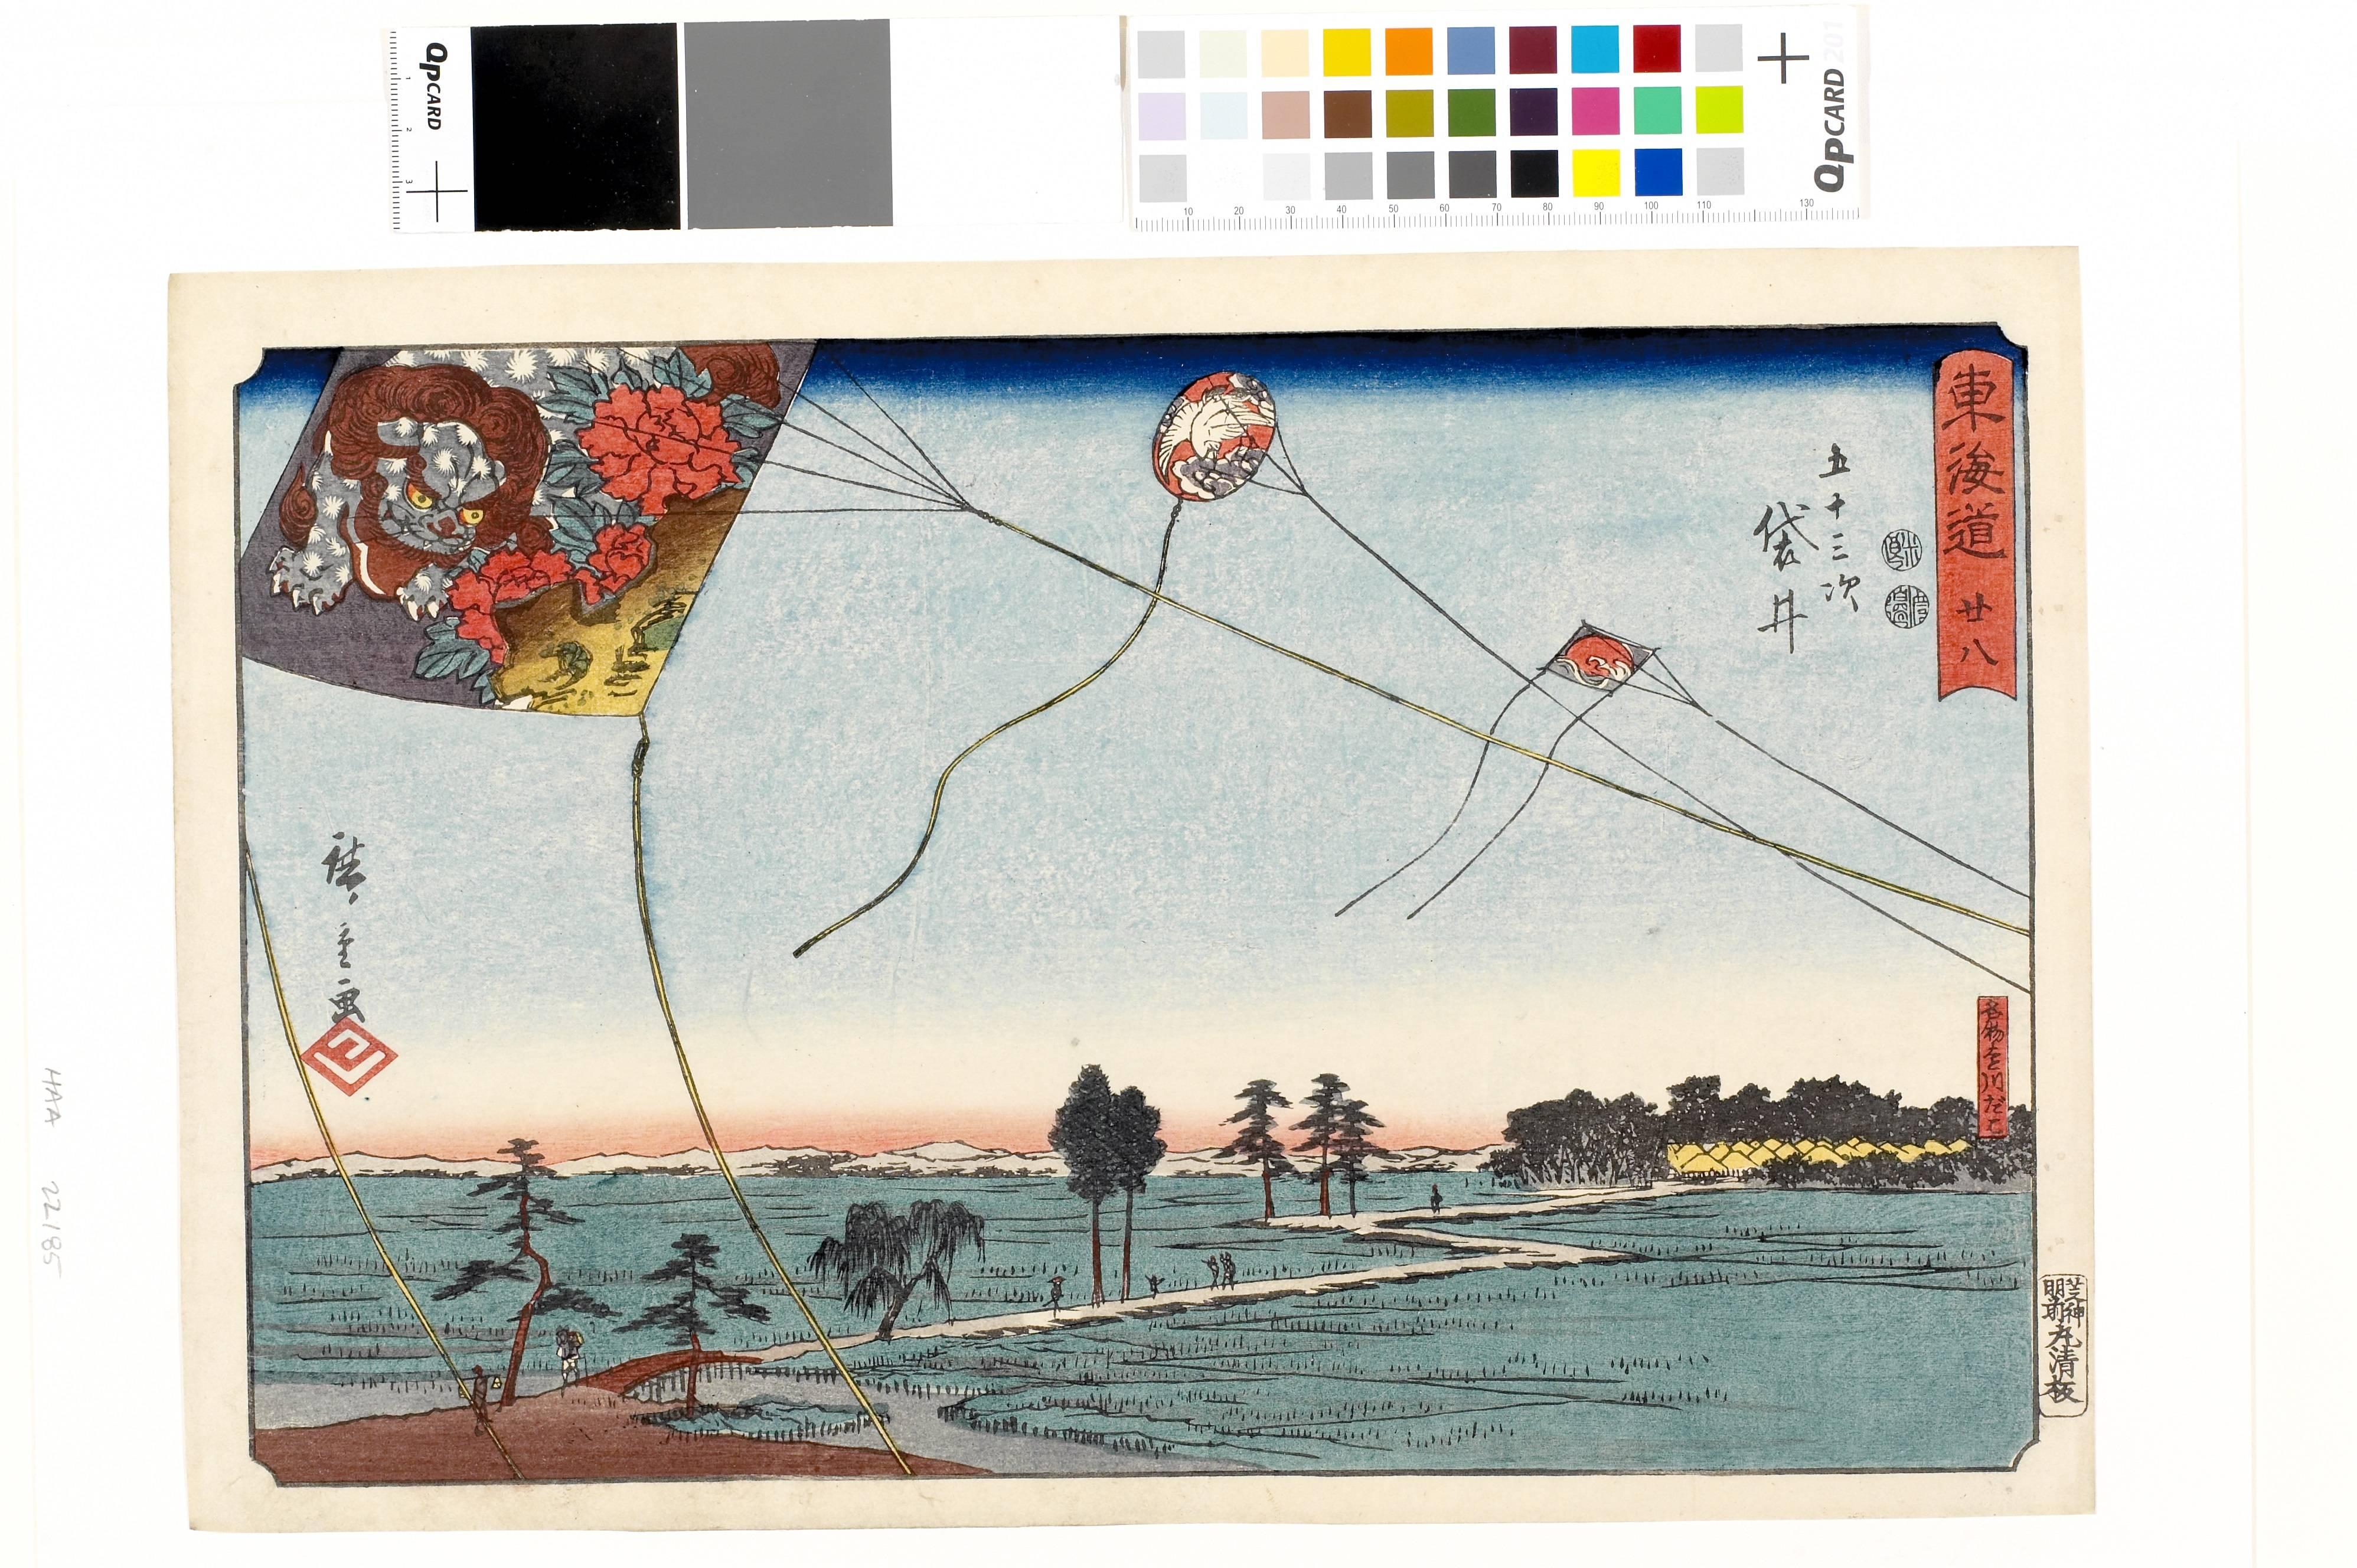 milano hokusai hiroshige utamaro luoghi e volti del giappone eventi arte e cultura. Black Bedroom Furniture Sets. Home Design Ideas